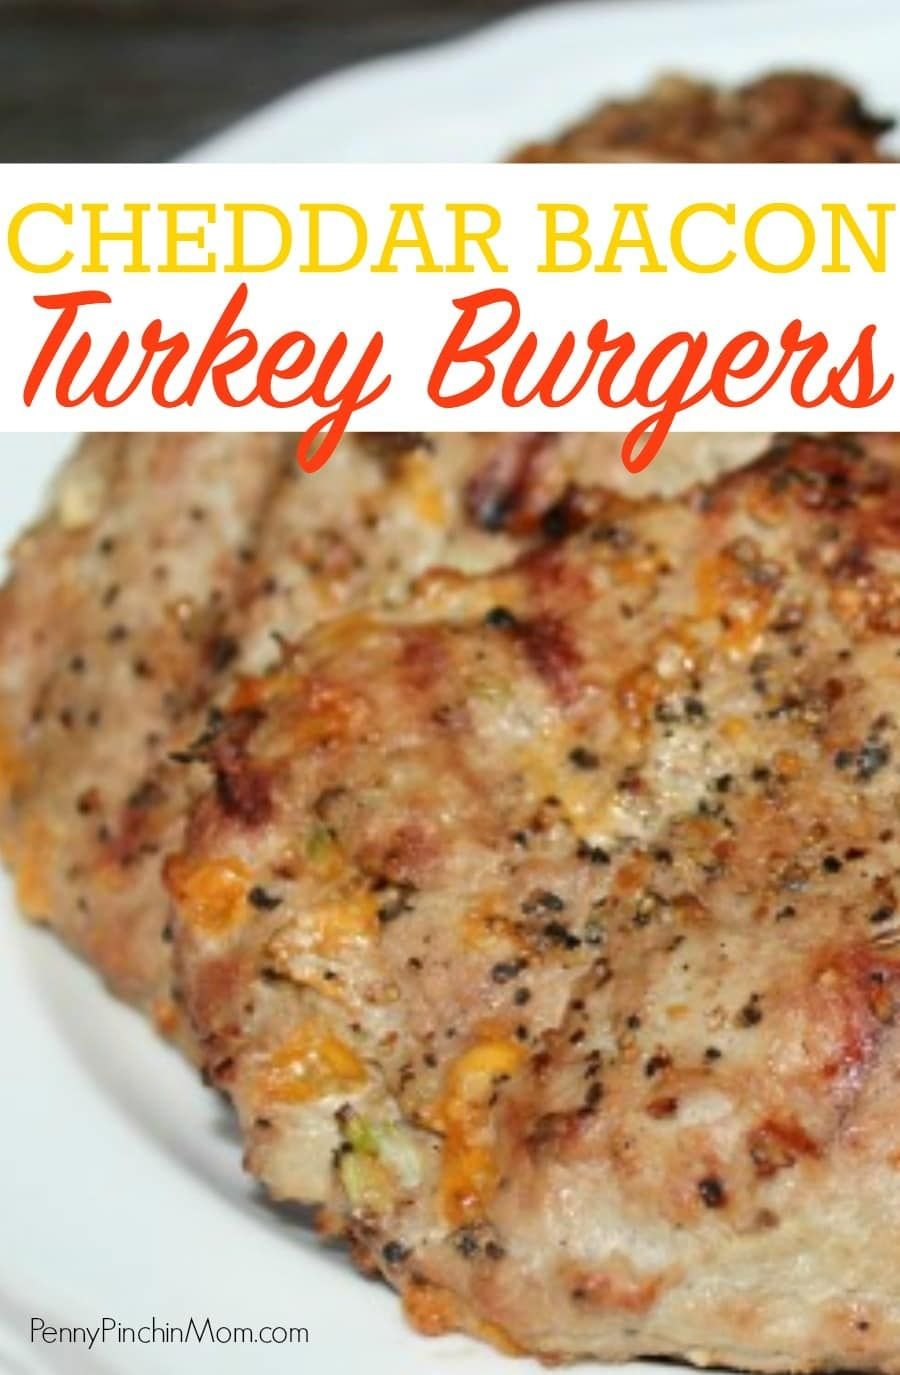 Photo of Cheddar Bacon Turkey Burger